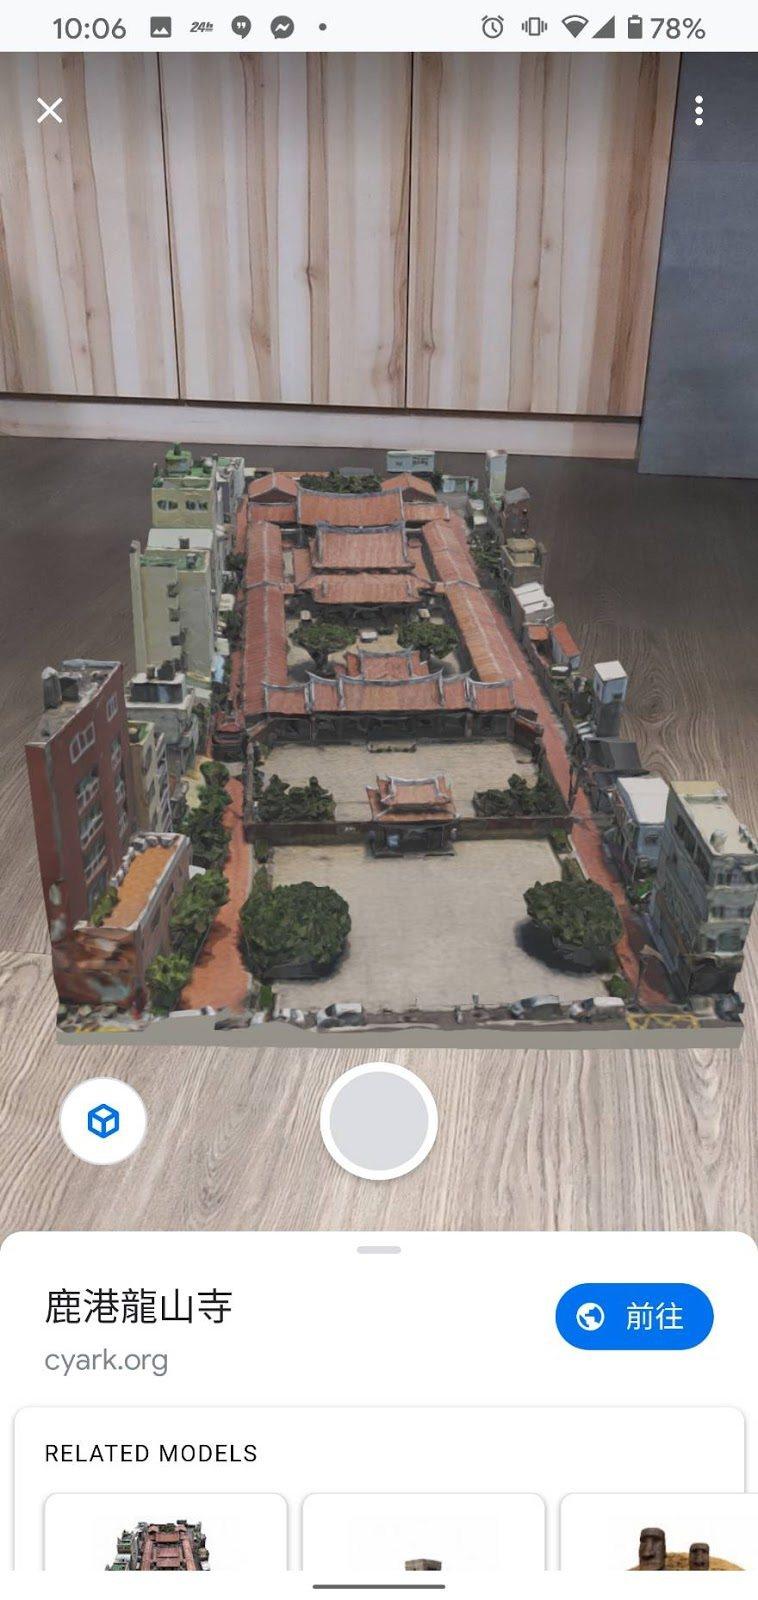 Google推出旅遊專頁,可利用擴增實境技術觀看鹿港龍山寺。 圖/Google官方部落格